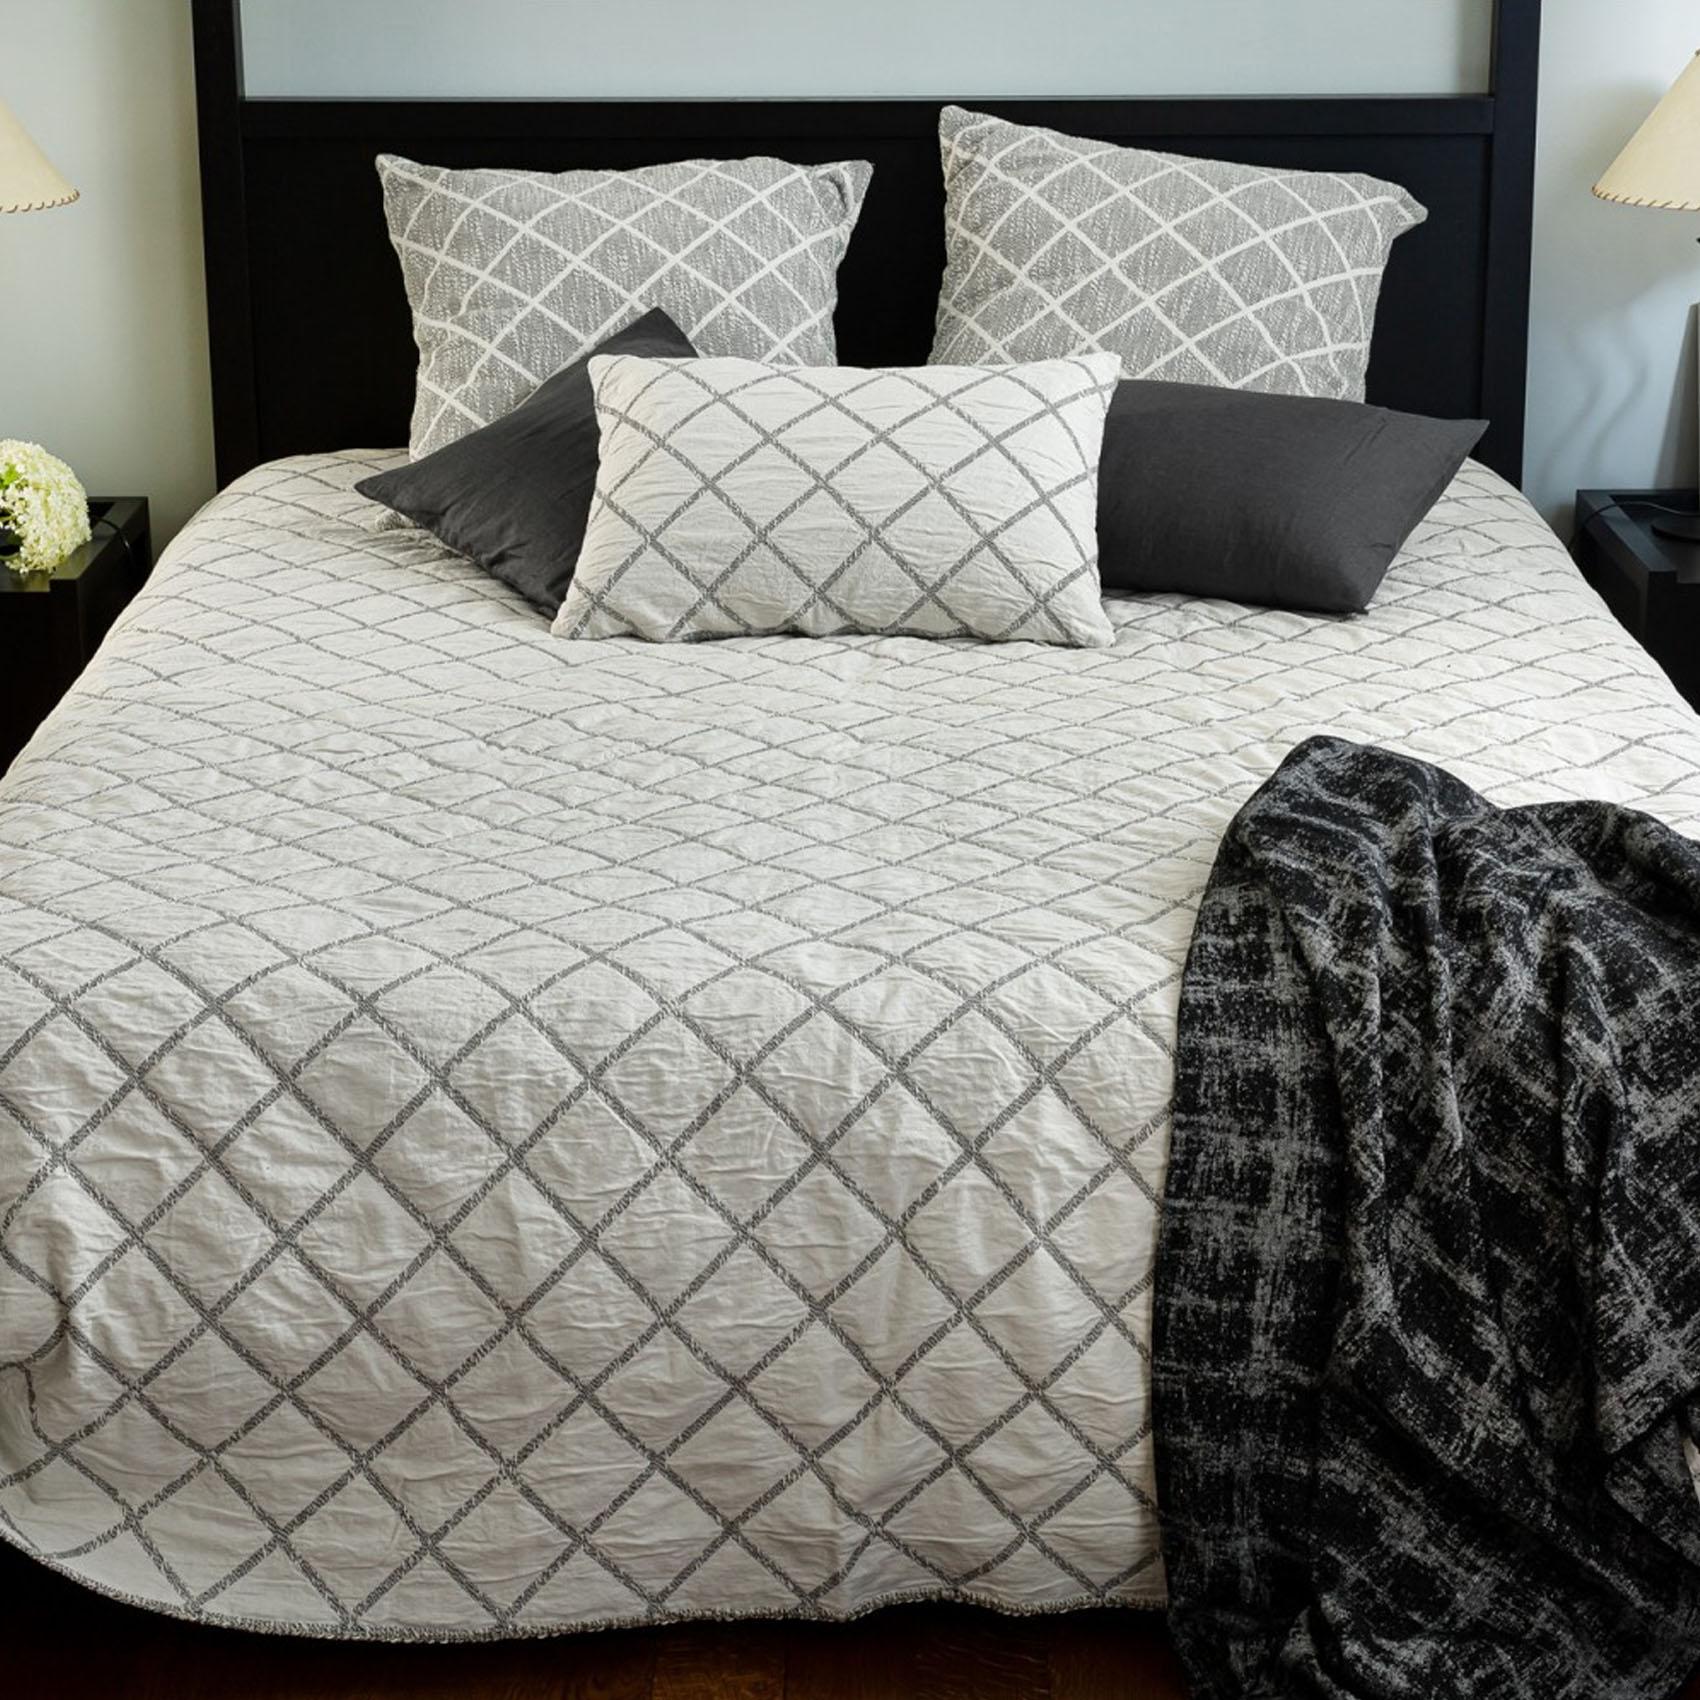 Dessus de lit réversible motif losange coton noir et ecru 250x230